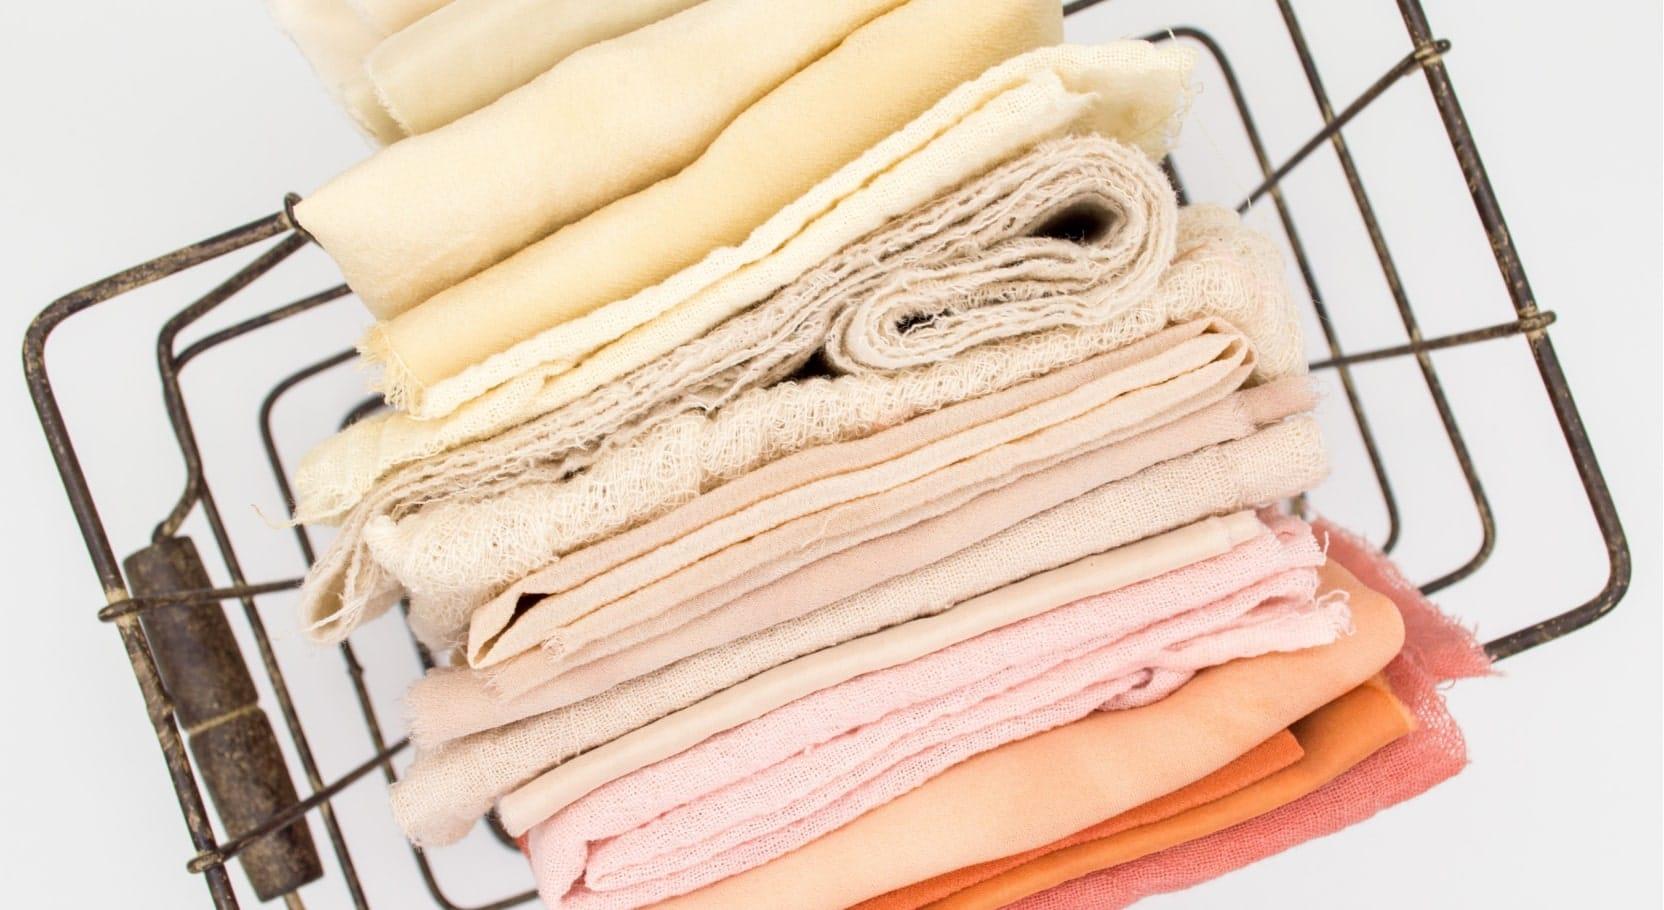 Arrêtez de comparer des torchons et des serviettes ? (Ou comment comparer les données de différentes plateformes d'analyse)